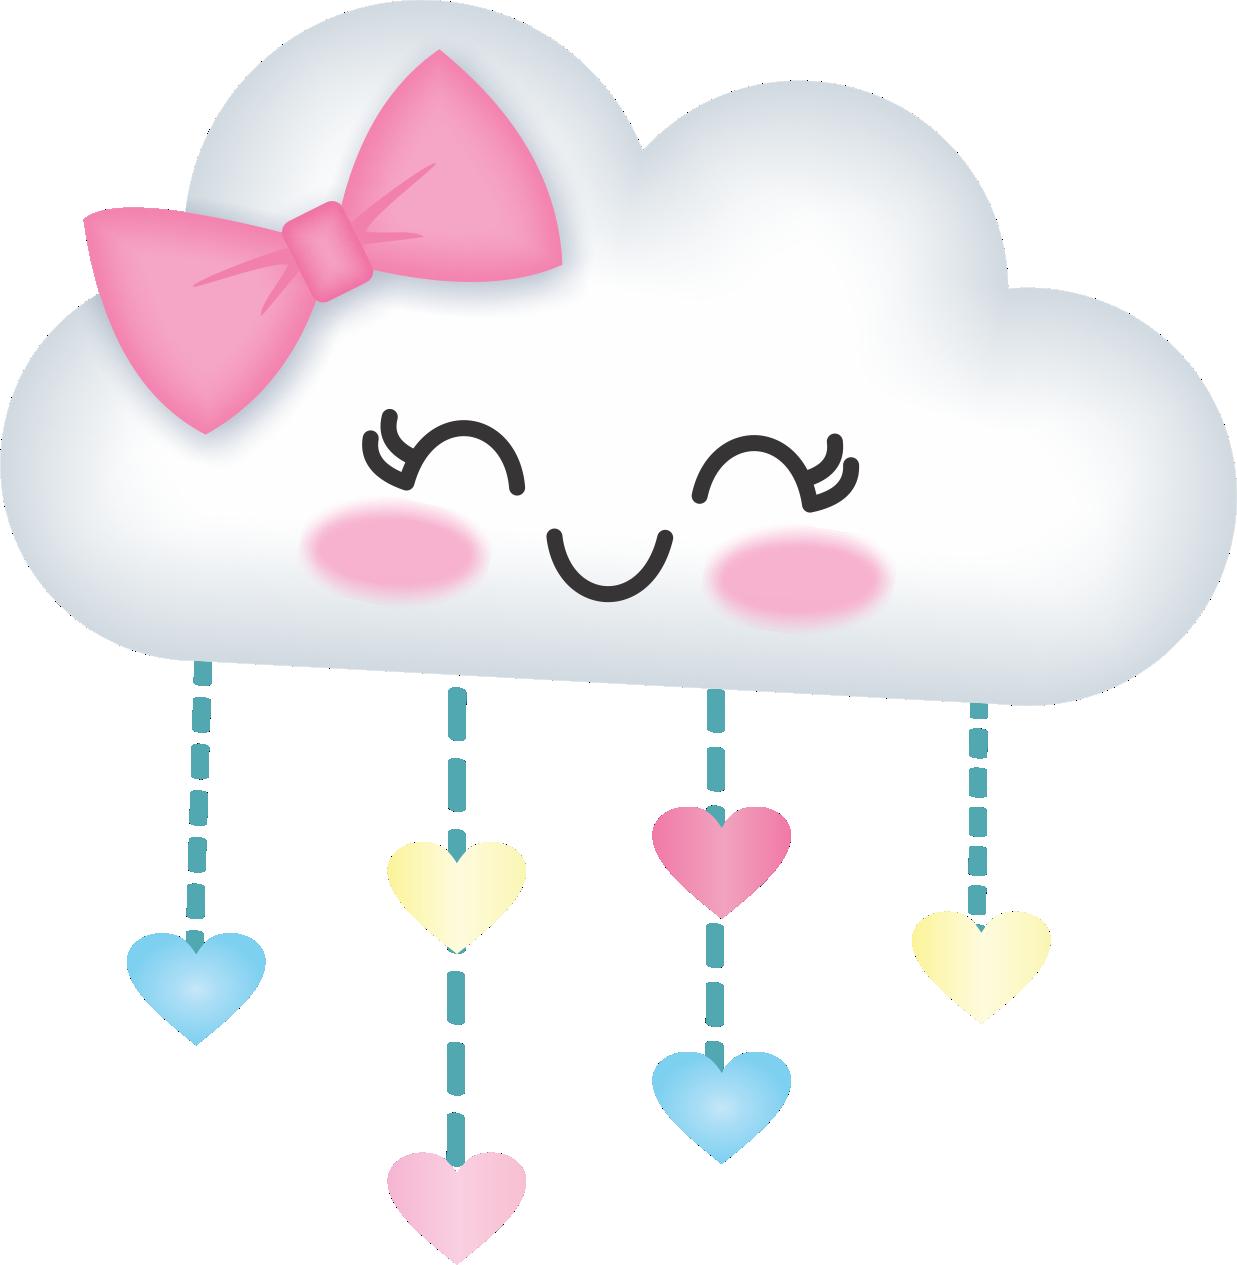 chuva-amor-nuvem-menina-coracao